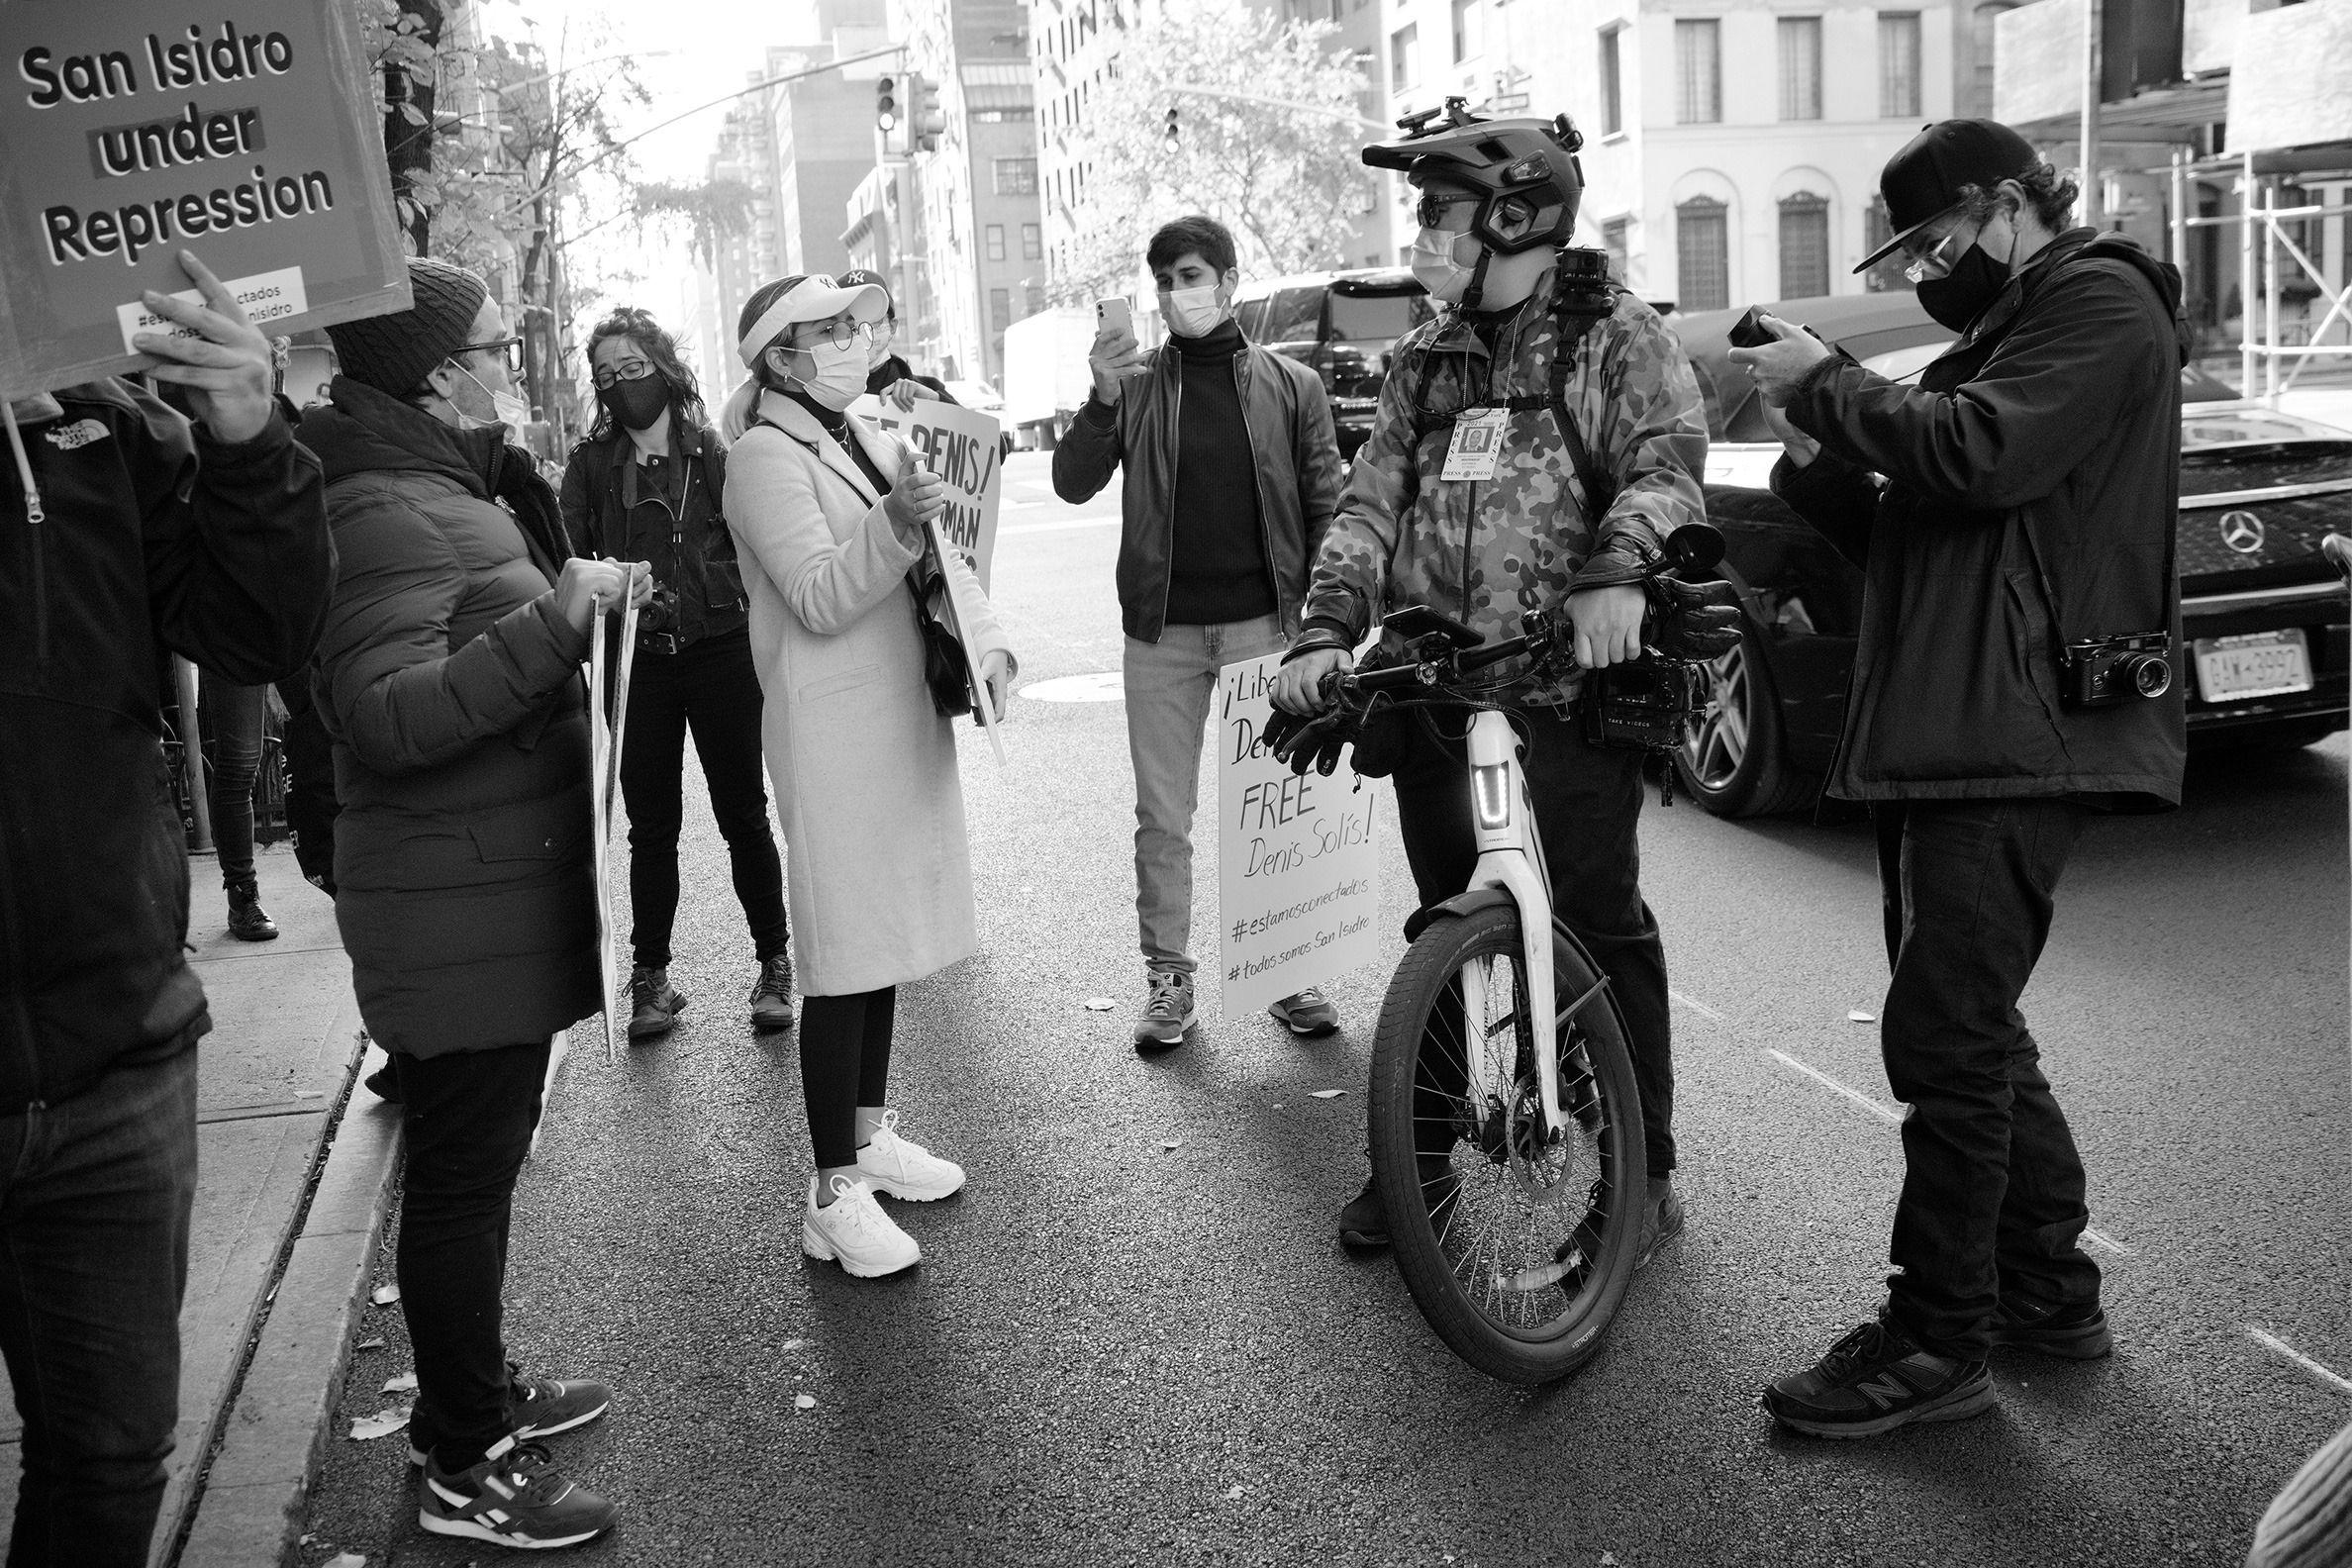 Cubanos en Nueva York se manifiestan en apoyo al movimiento San Isidro 5 | Rialta